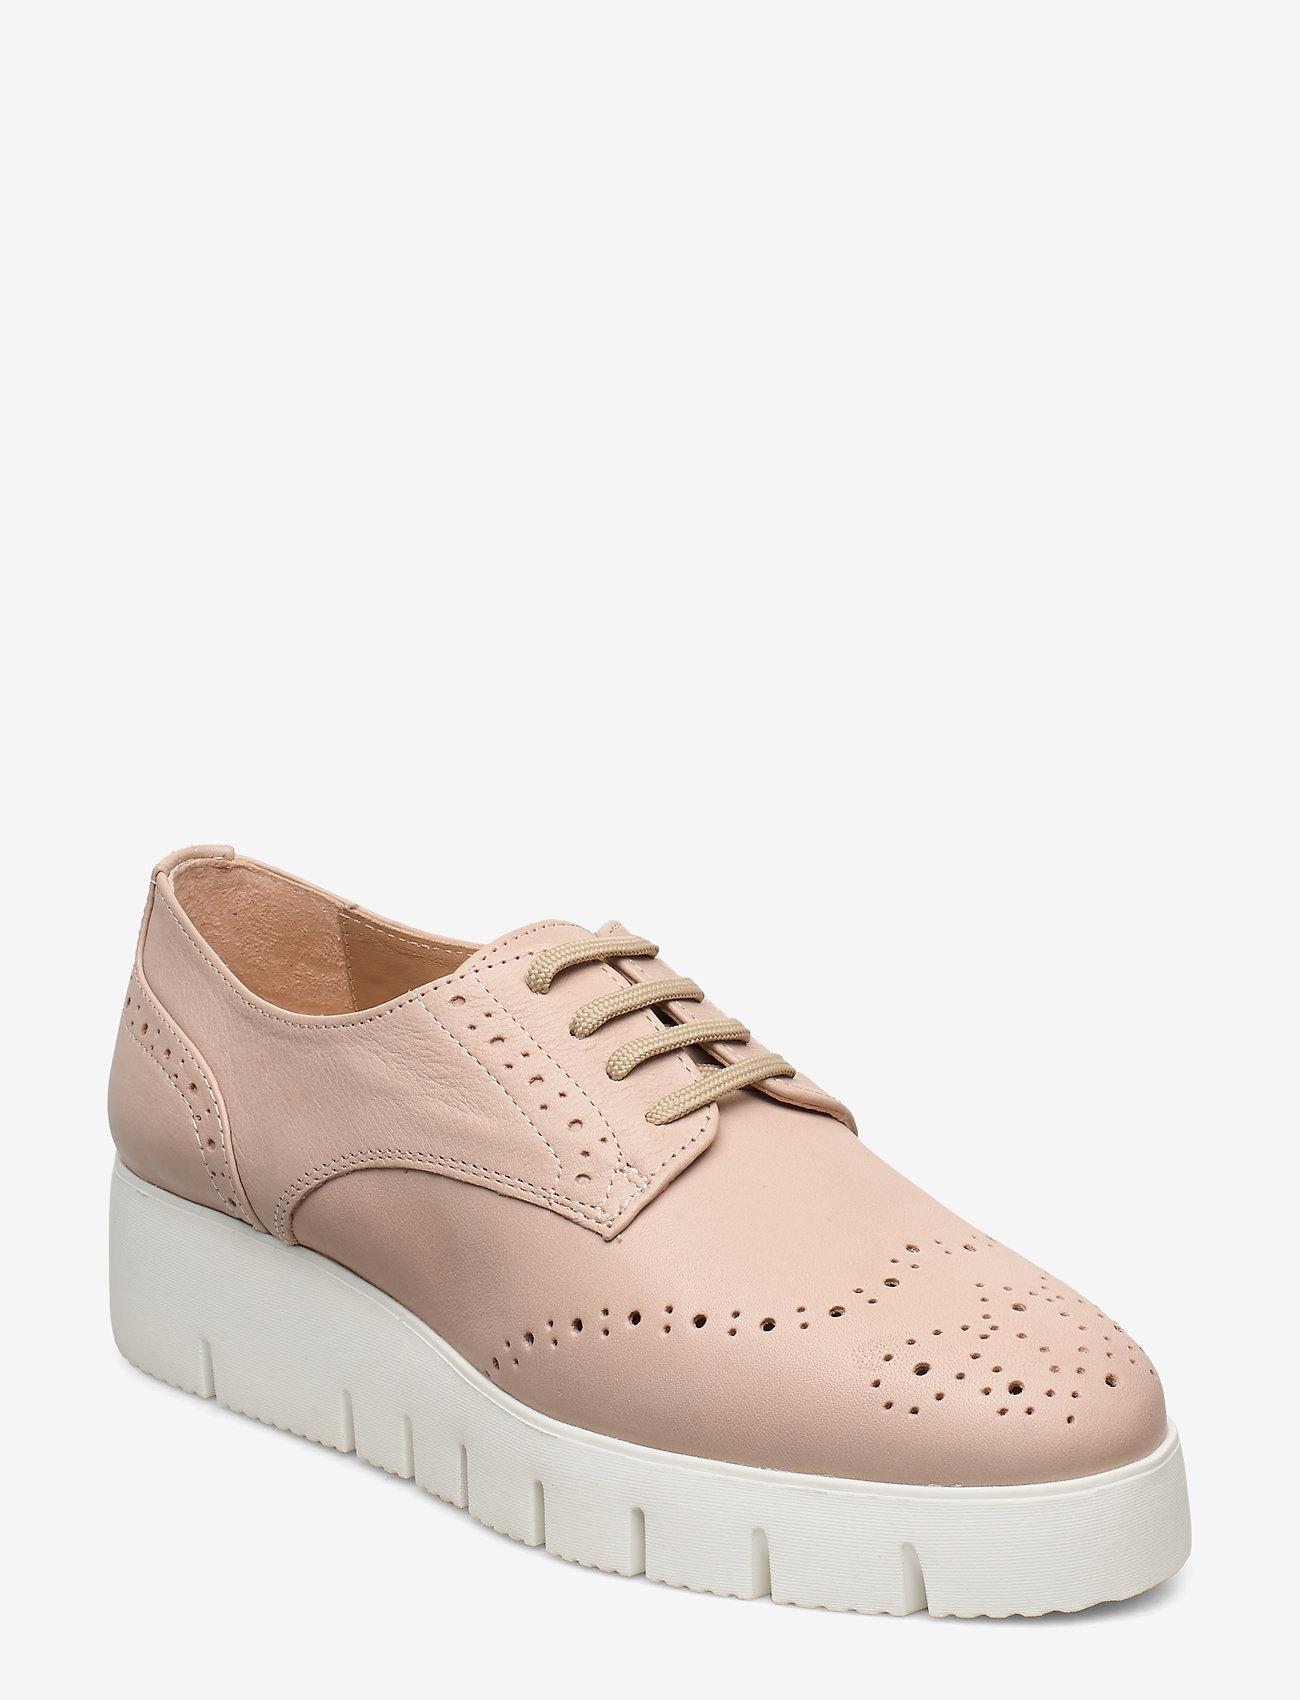 UNISA - FERRAZ_STY - buty sznurowane - pale - 0